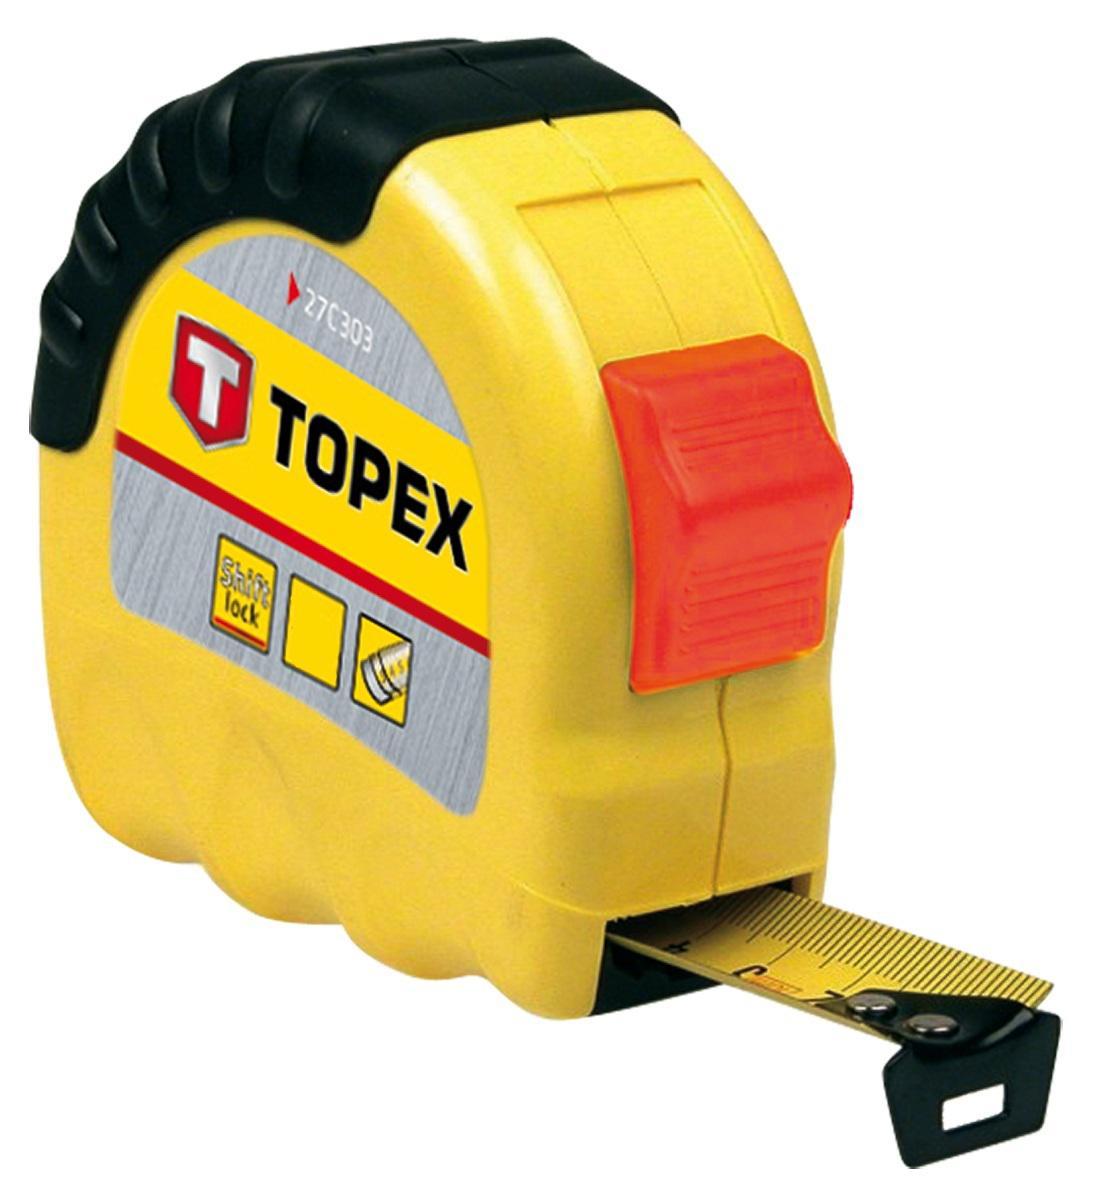 Рулетка Topex 27c310 рулетка topex 27c310 10мx25мм